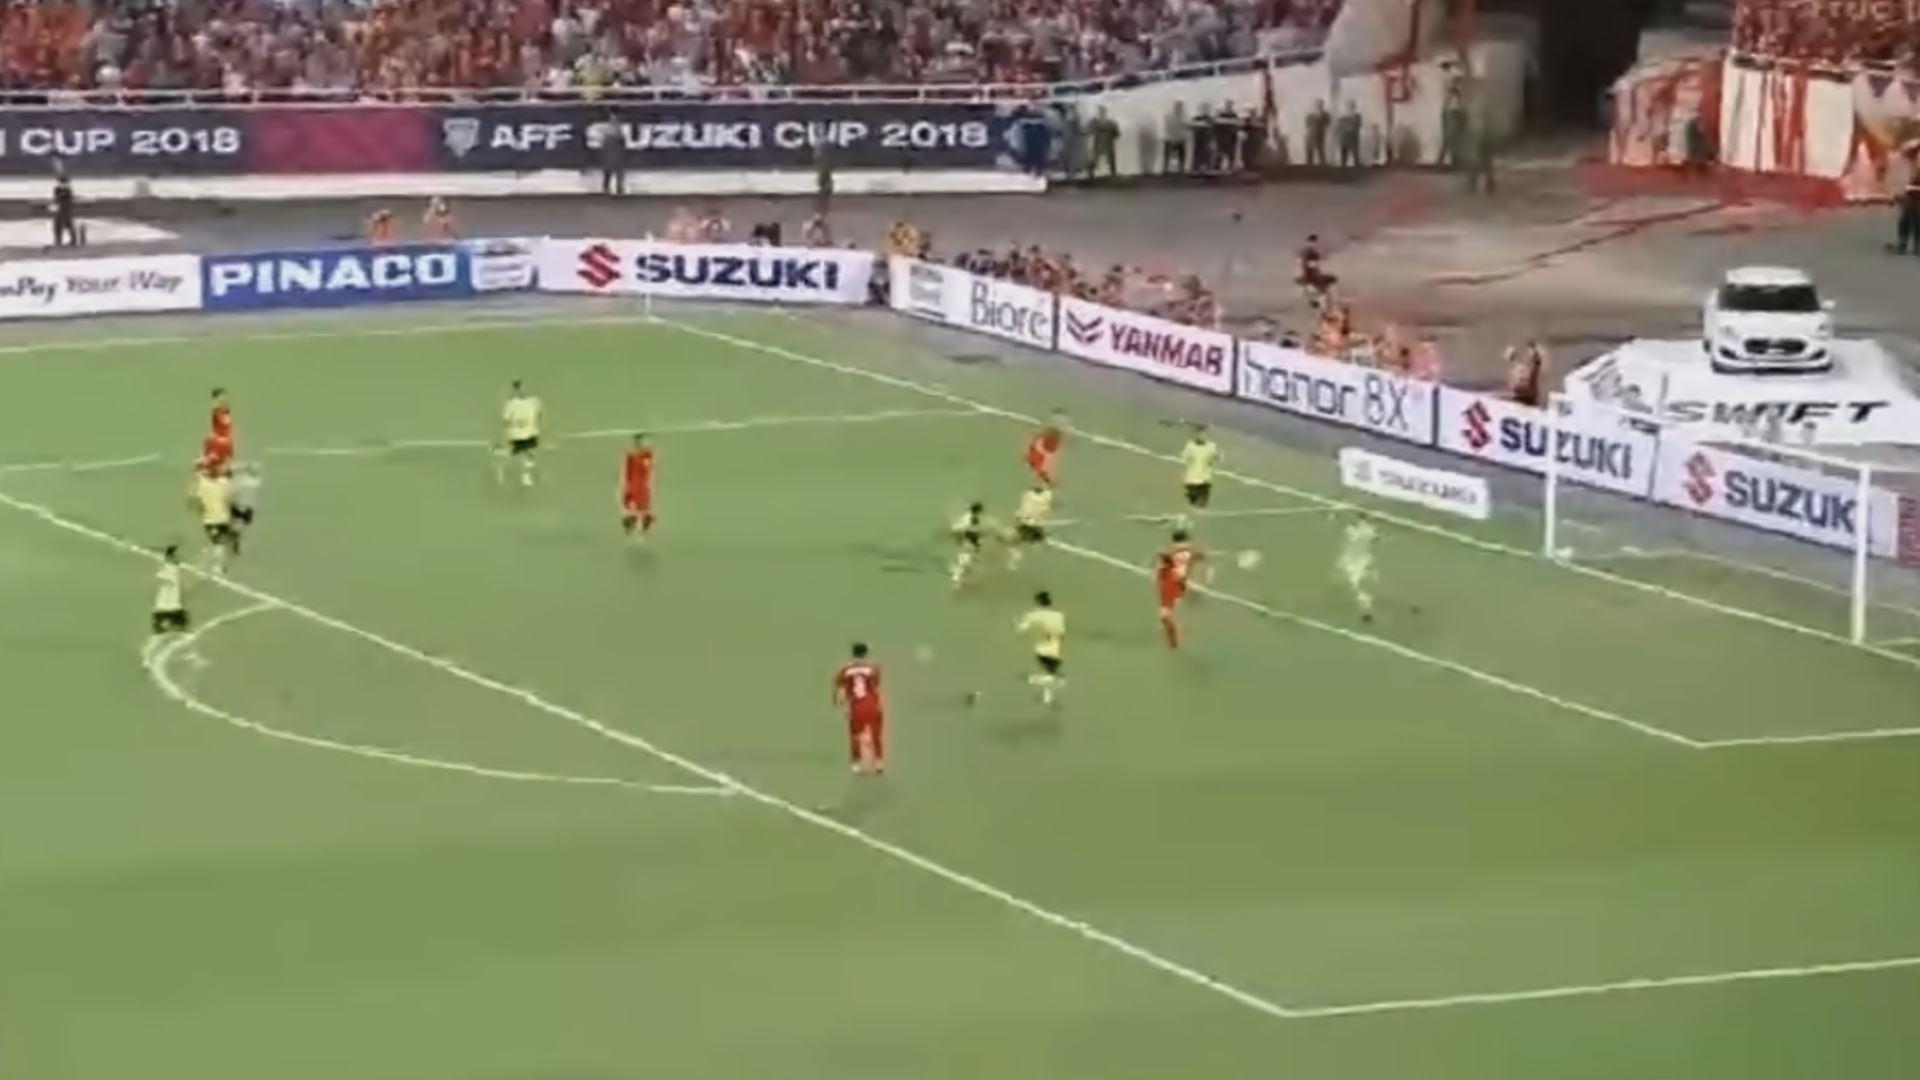 베트남 축구 말레이시아에 2대0 승리 하이라이트(2018스즈키컵)